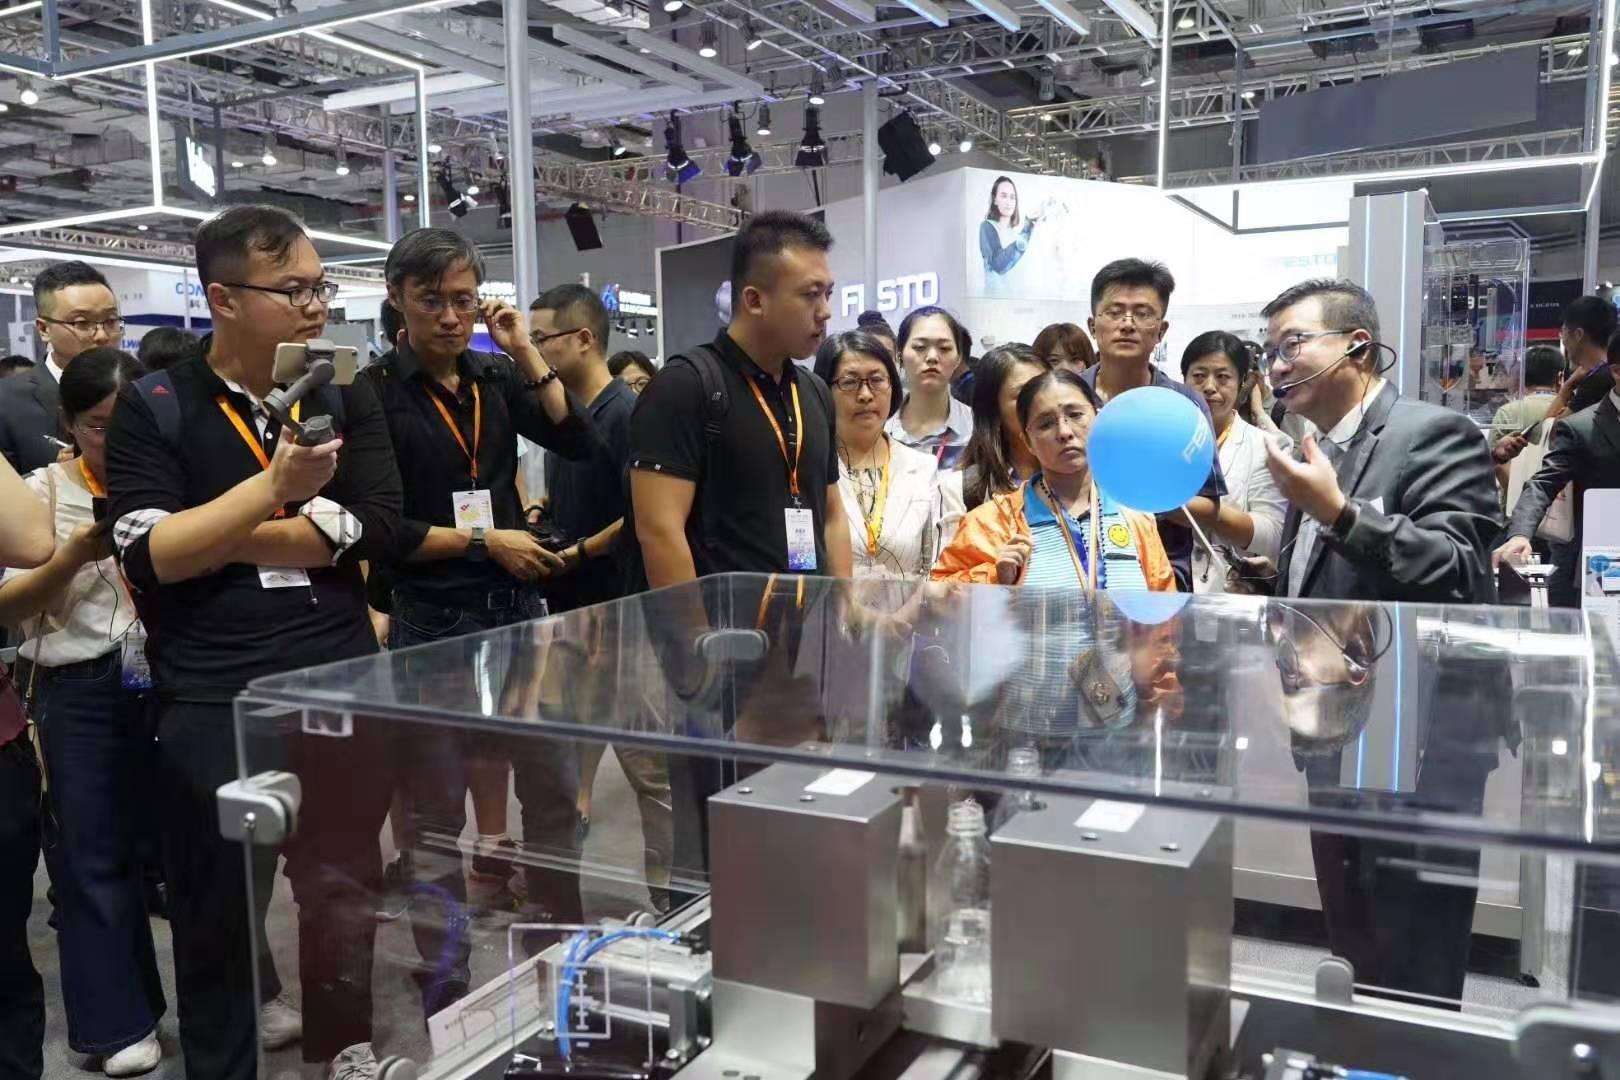 从上海工博会看机器人新趋势:产品和服务才是机器人企业突破重围的利器